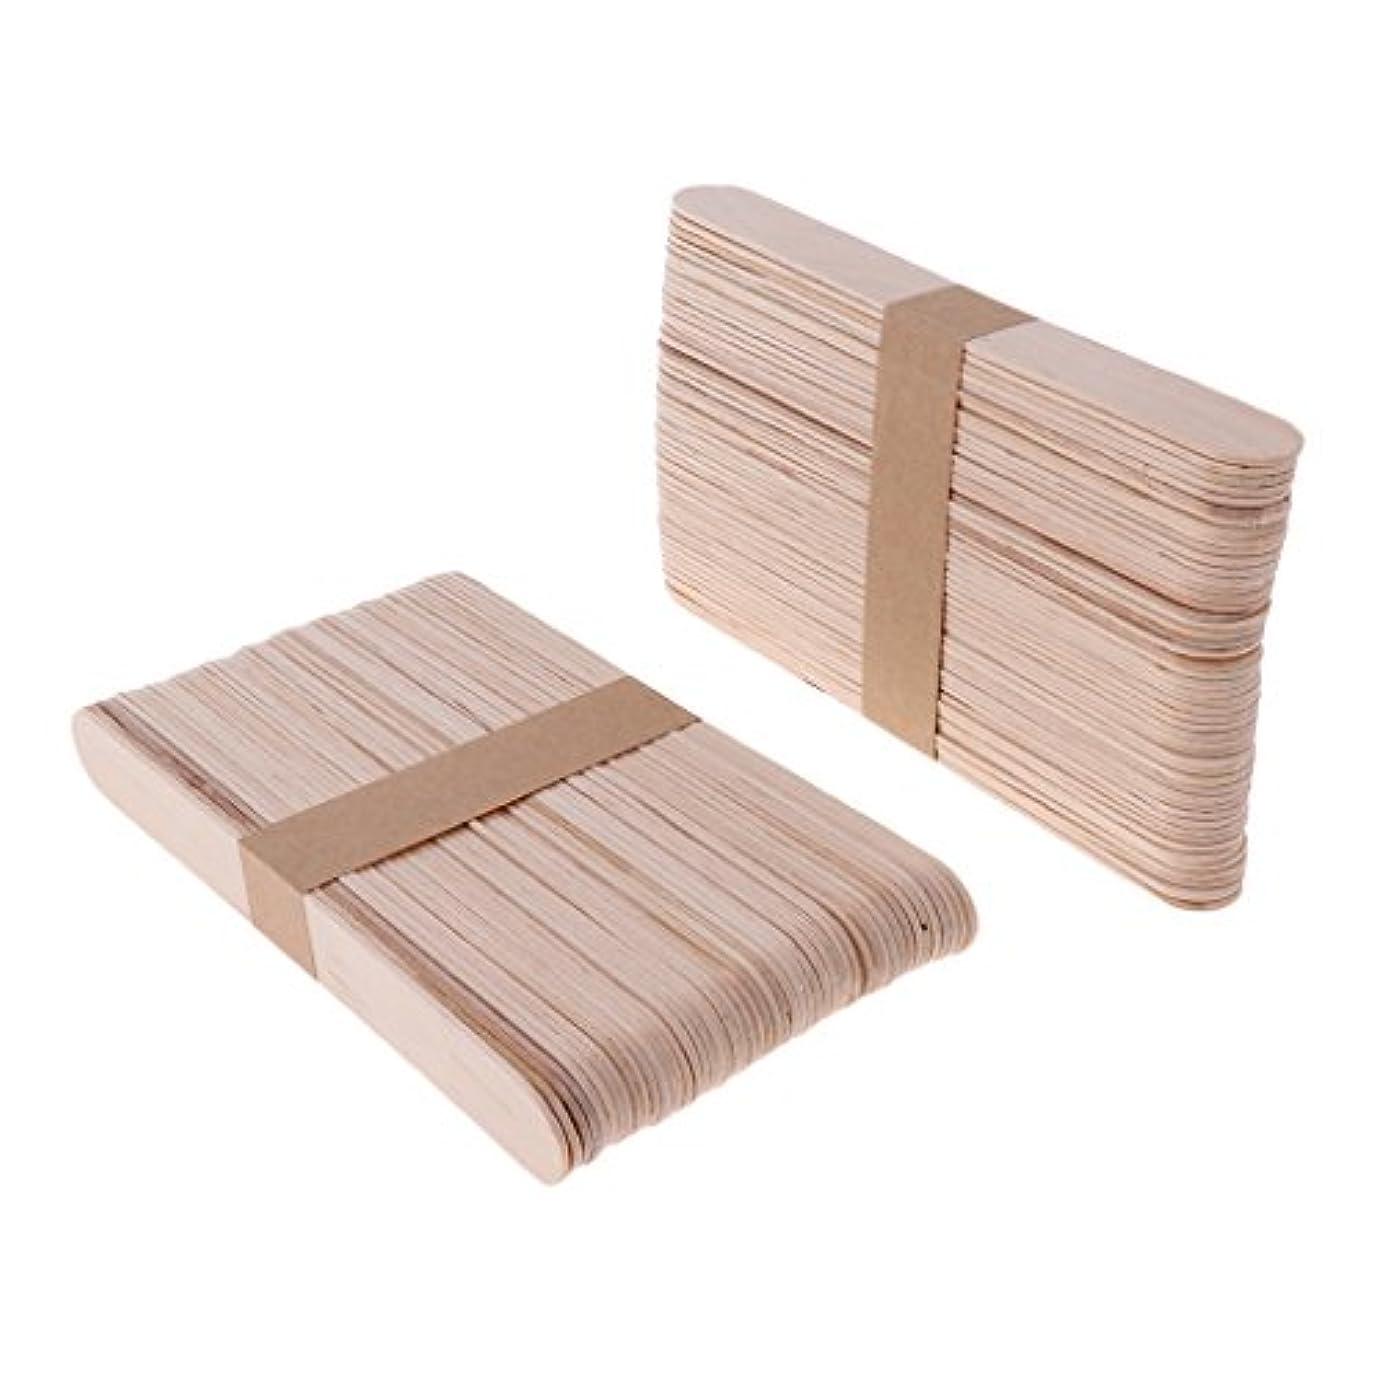 キャプチャーテントじゃない木材スティック 脱毛 ワックス用 体毛除去 ウッド ワックススパチュラ 便利 200個 2サイズ - L